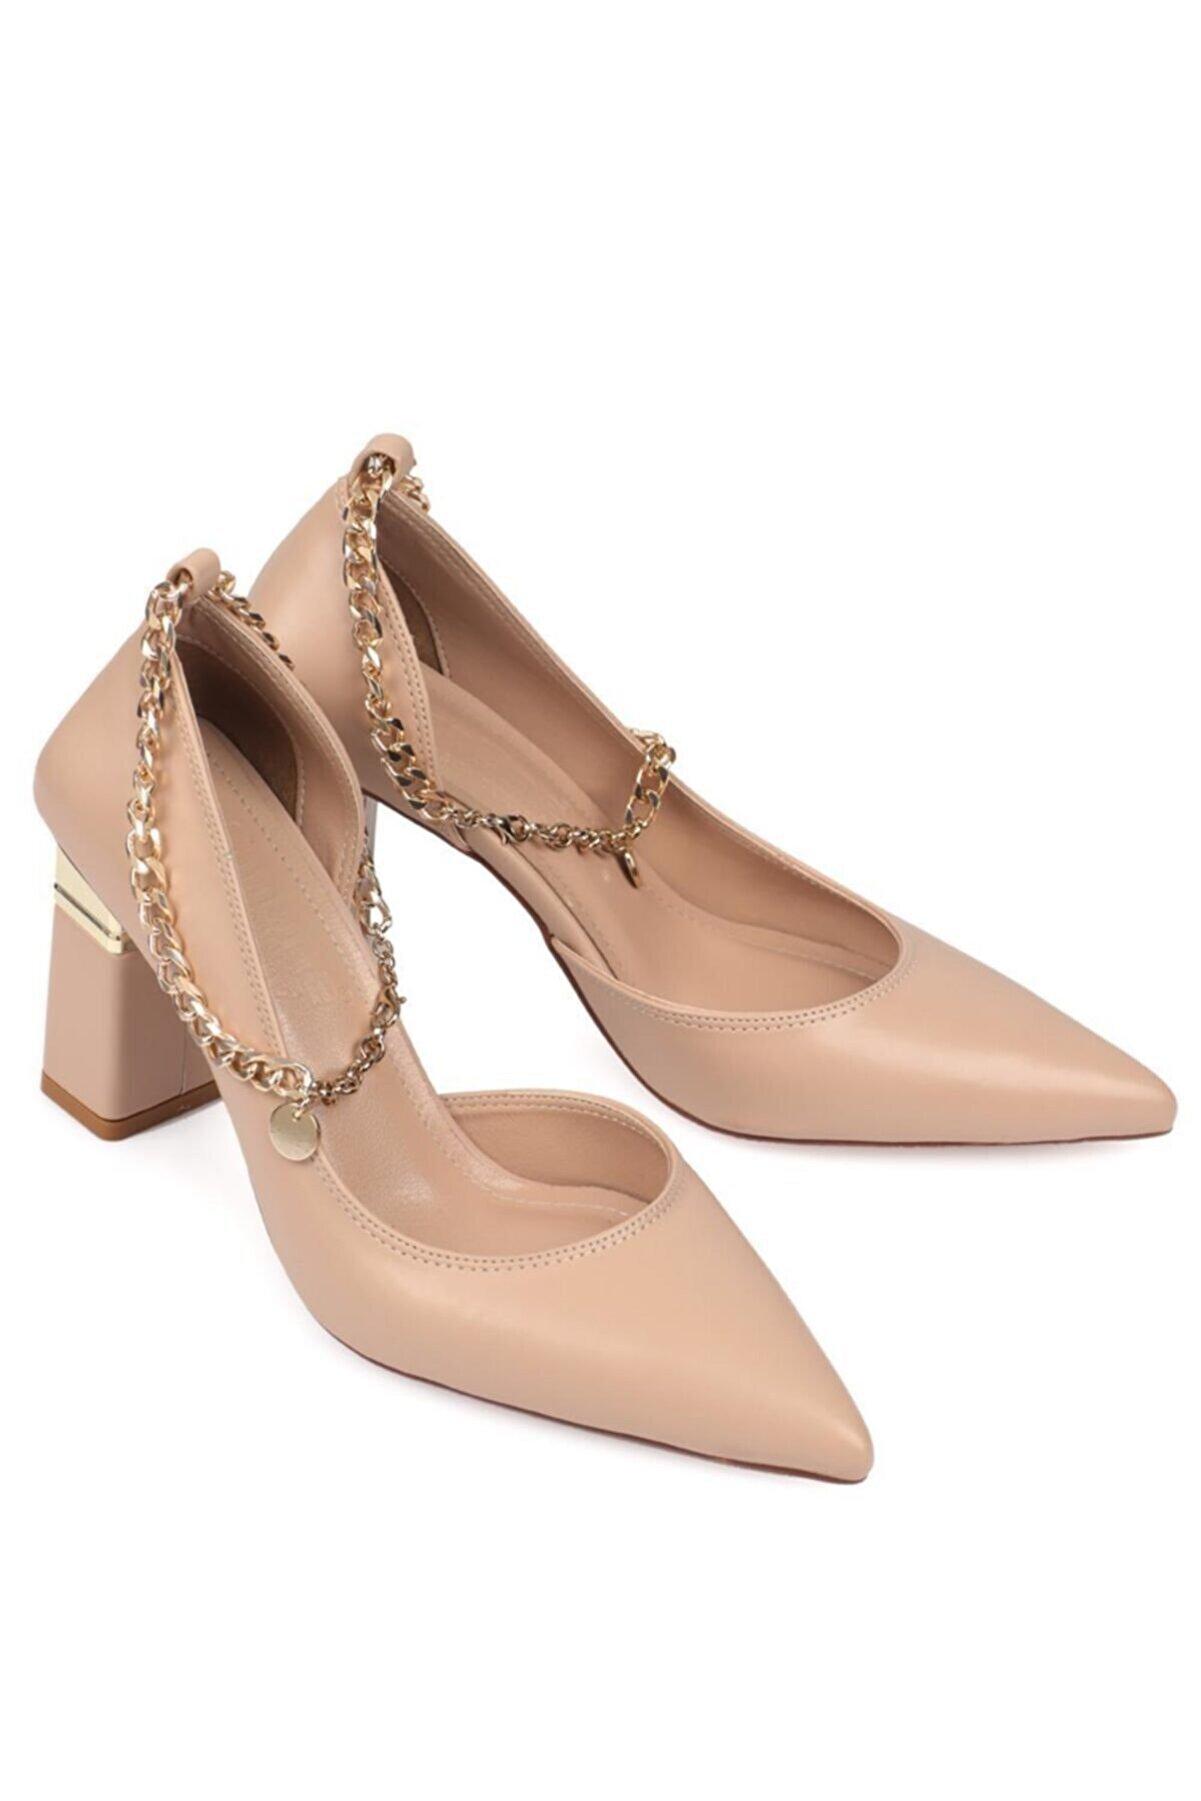 Capone Outfitters Kadın Bej Zincirli Topuklu Ayakkabı